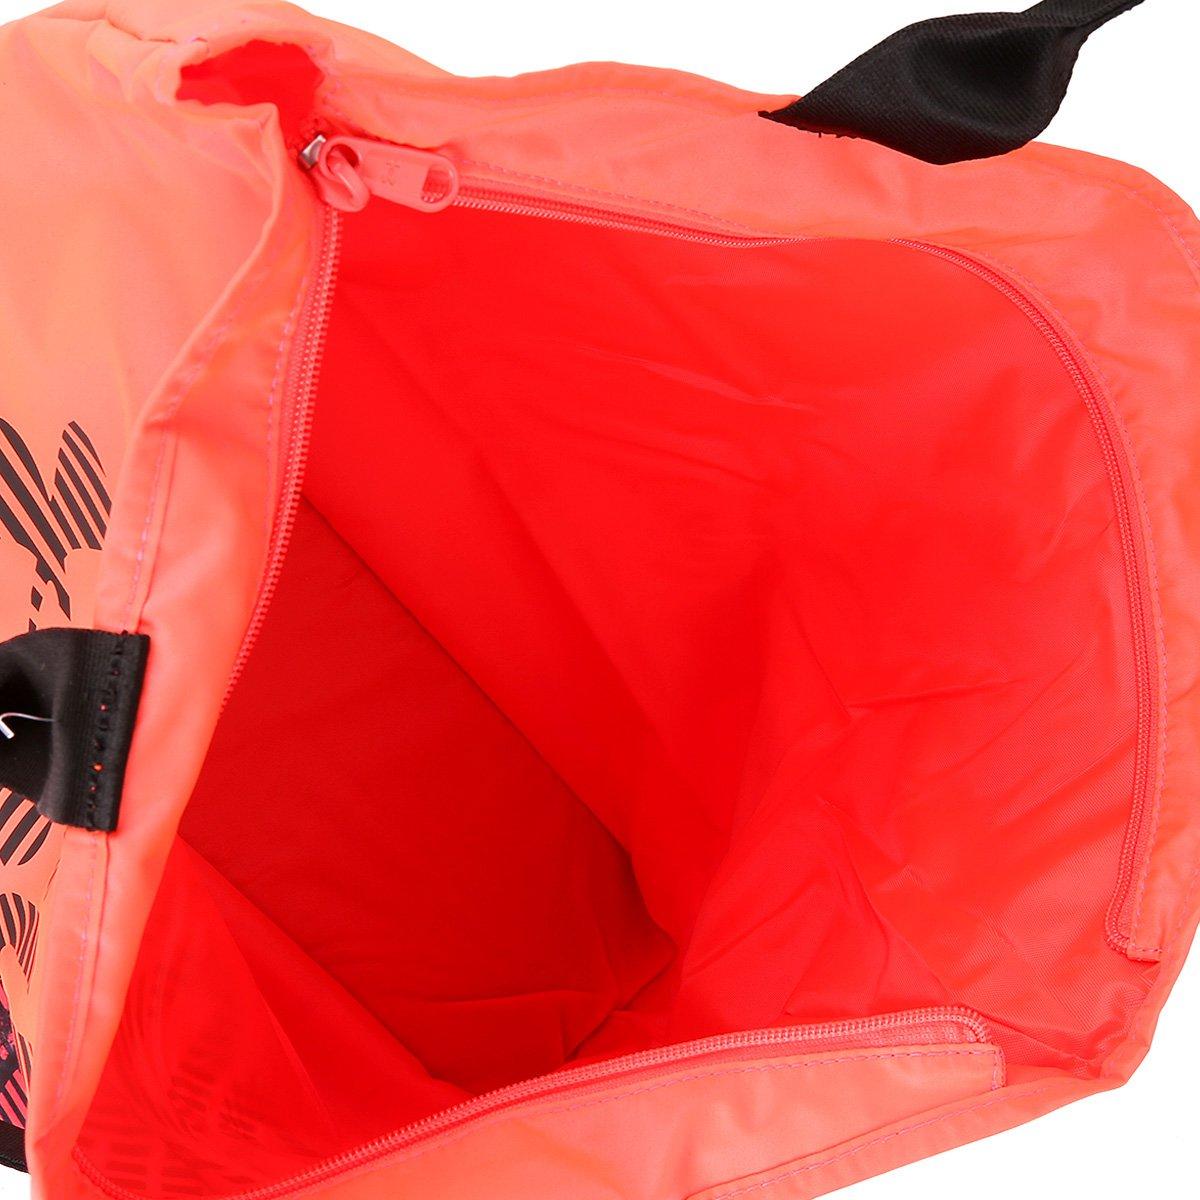 Bolsa Under Armour Big Wordmark Tote 2.0 Feminina - Compre Agora ... b097f695a2424